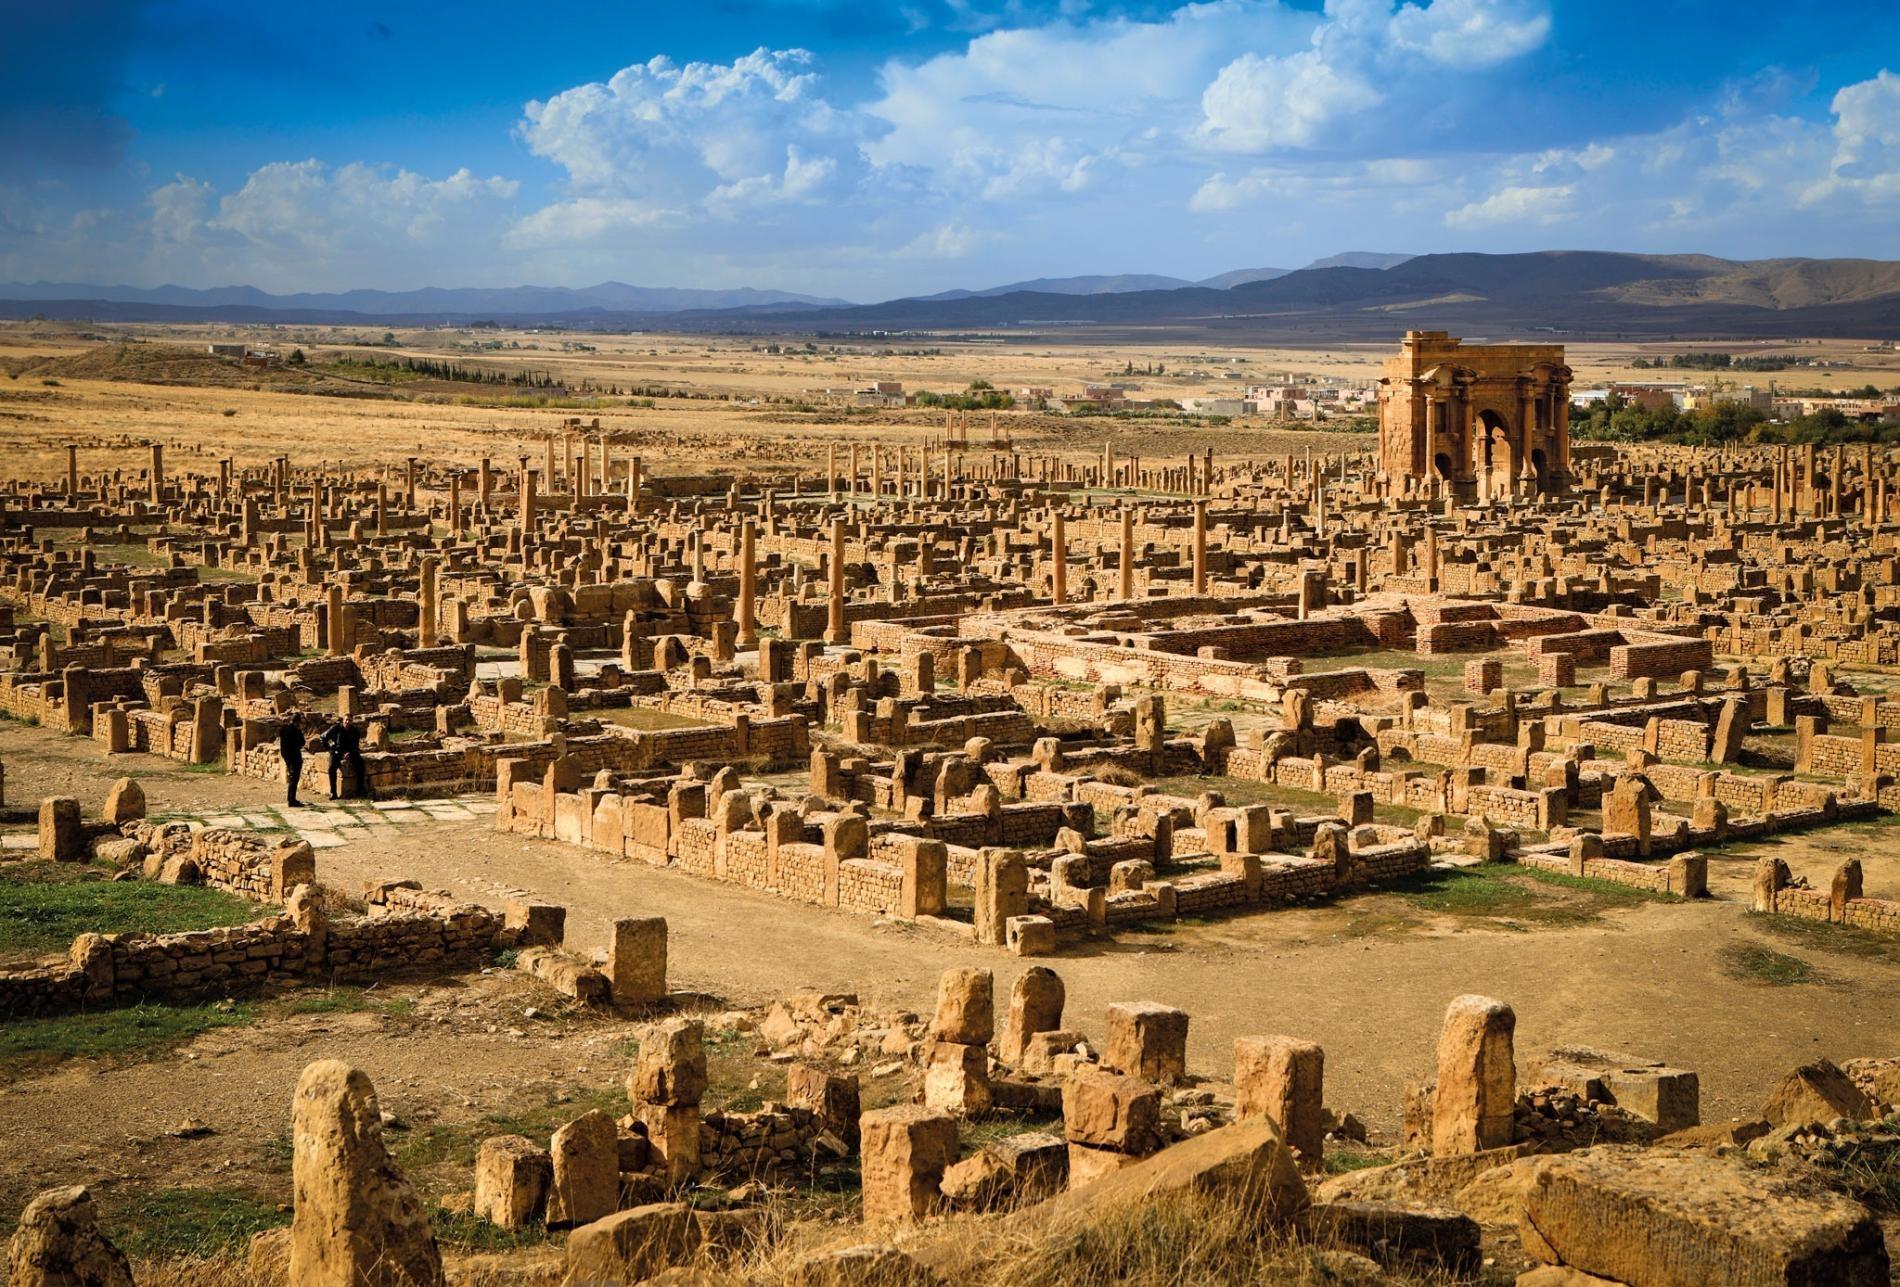 4)Thamugadi, Algeria